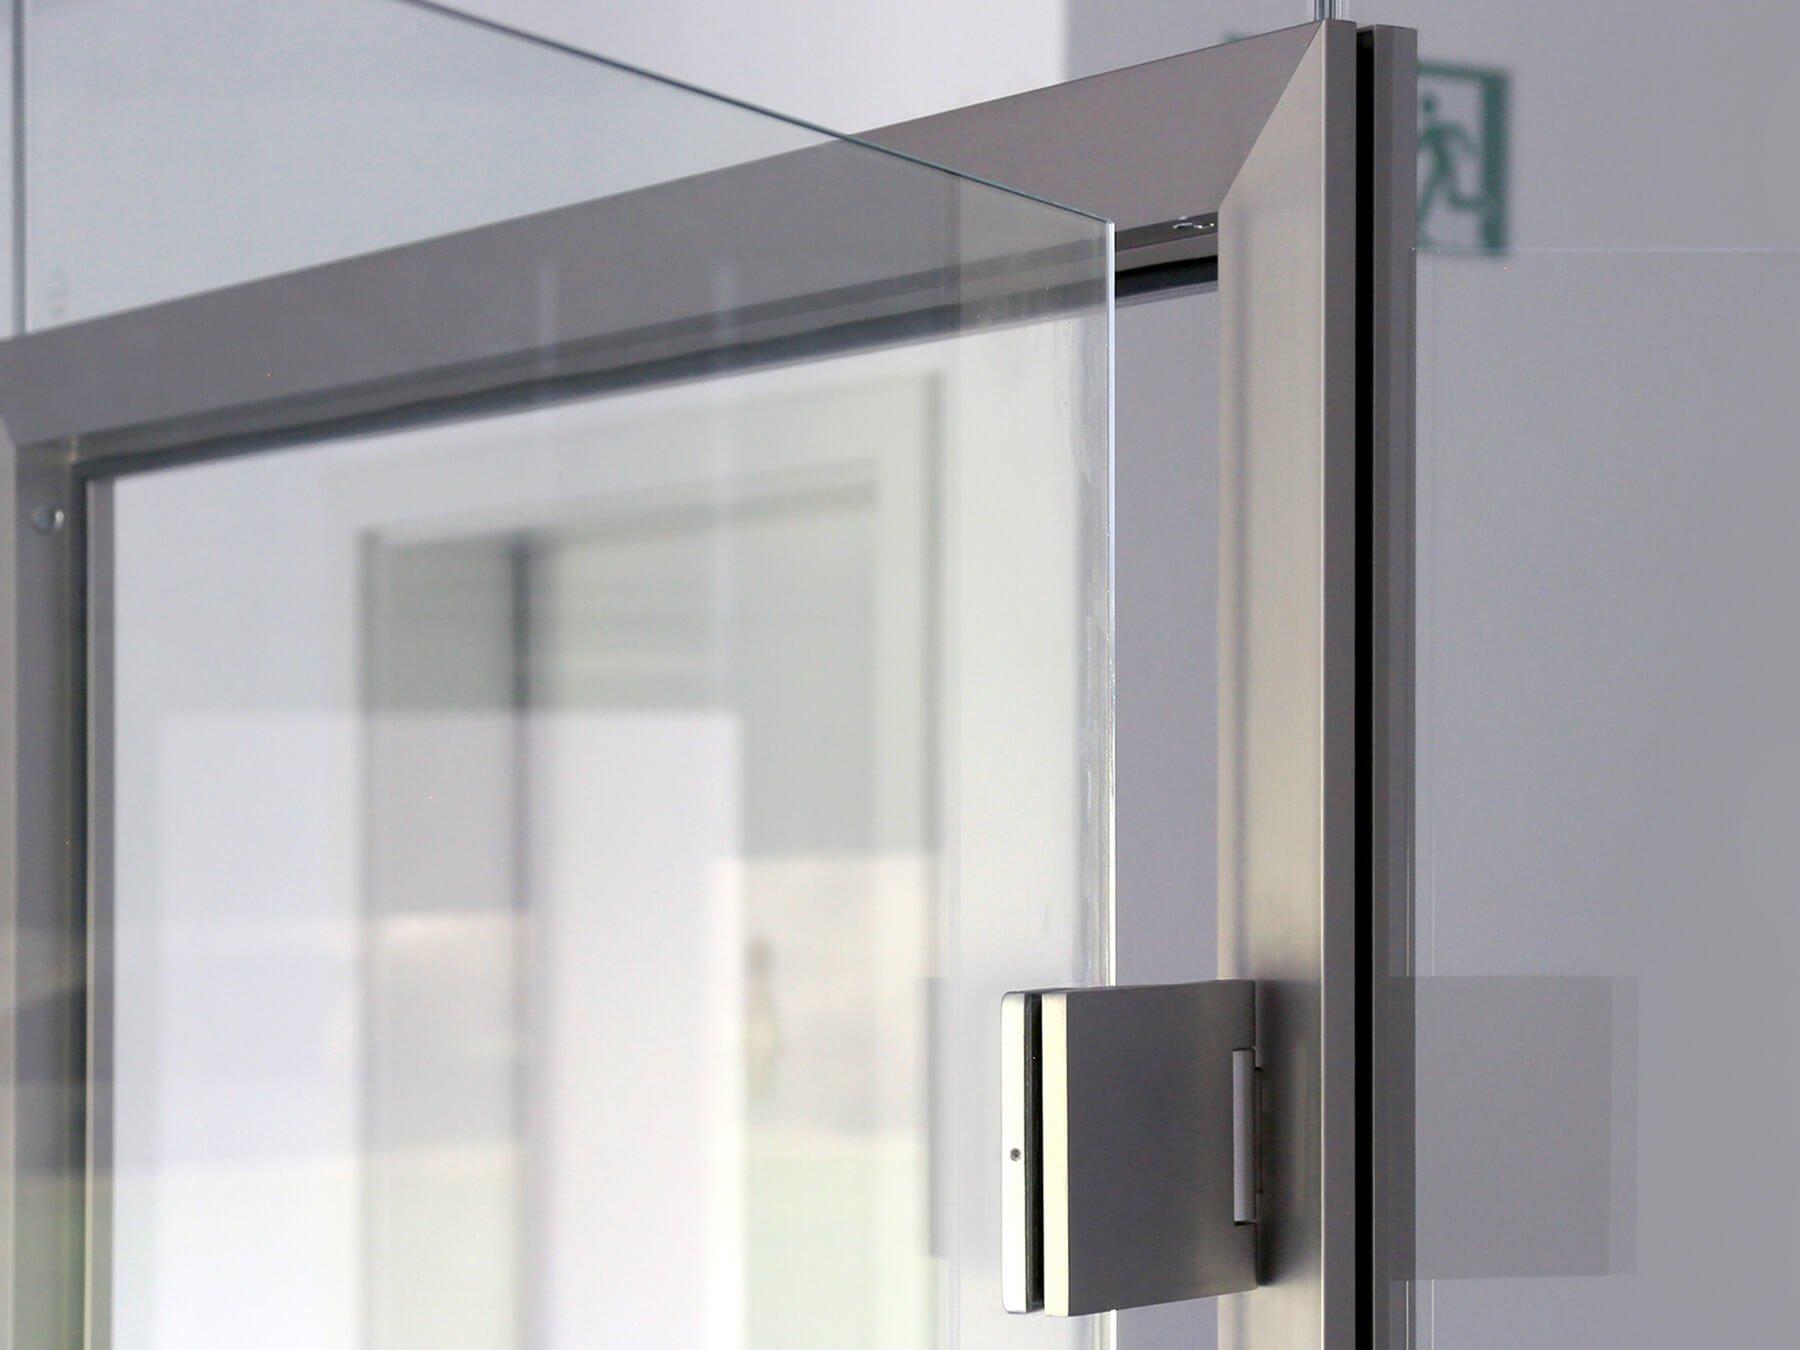 Glastrennwand an Klarglas befestigt an Glasklemme aus Edelstahl